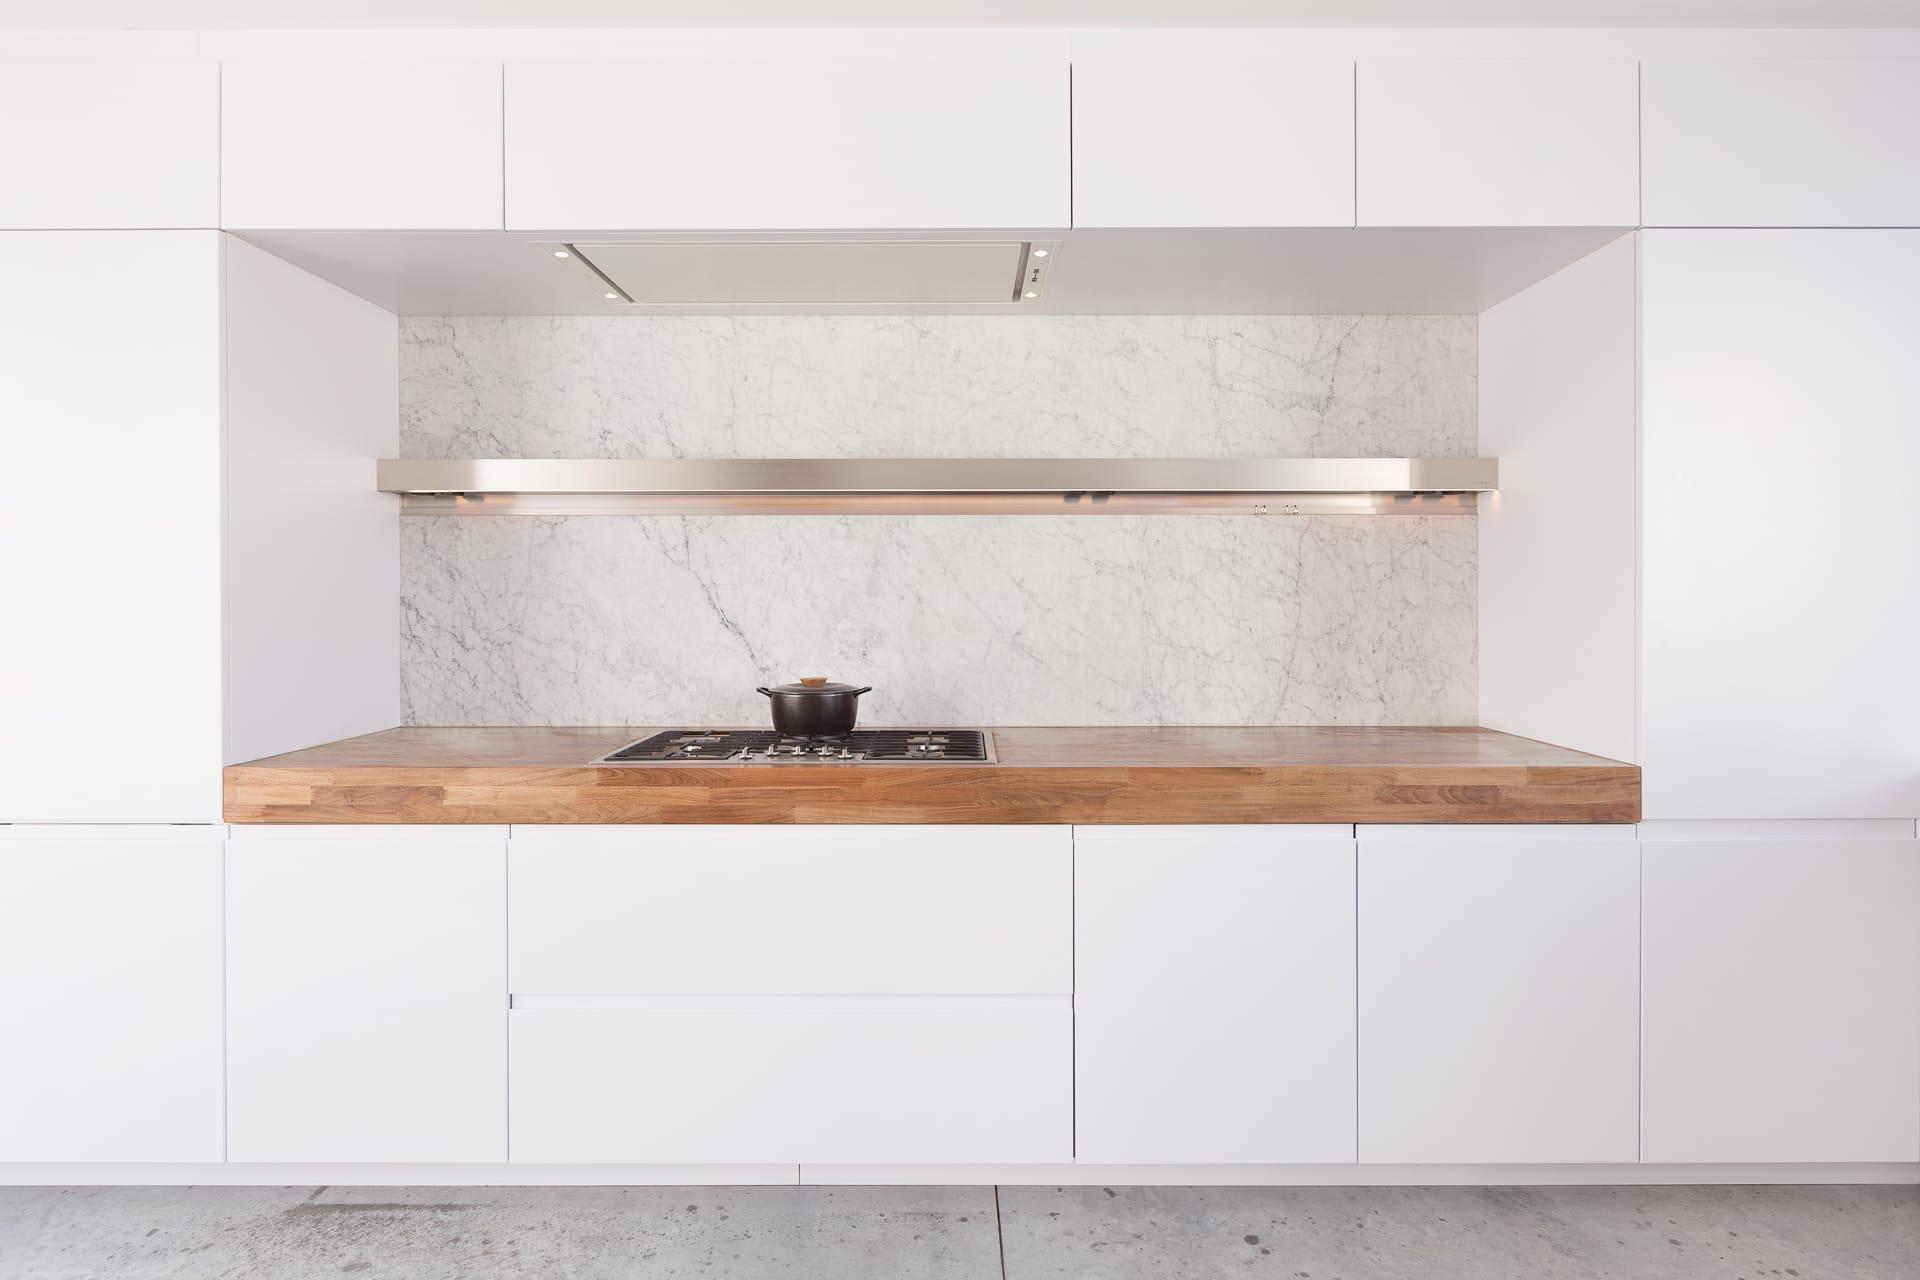 Houten Werkblad Keuken : Arclinea keuken houten werkblad en dekton spatwand si accomodi